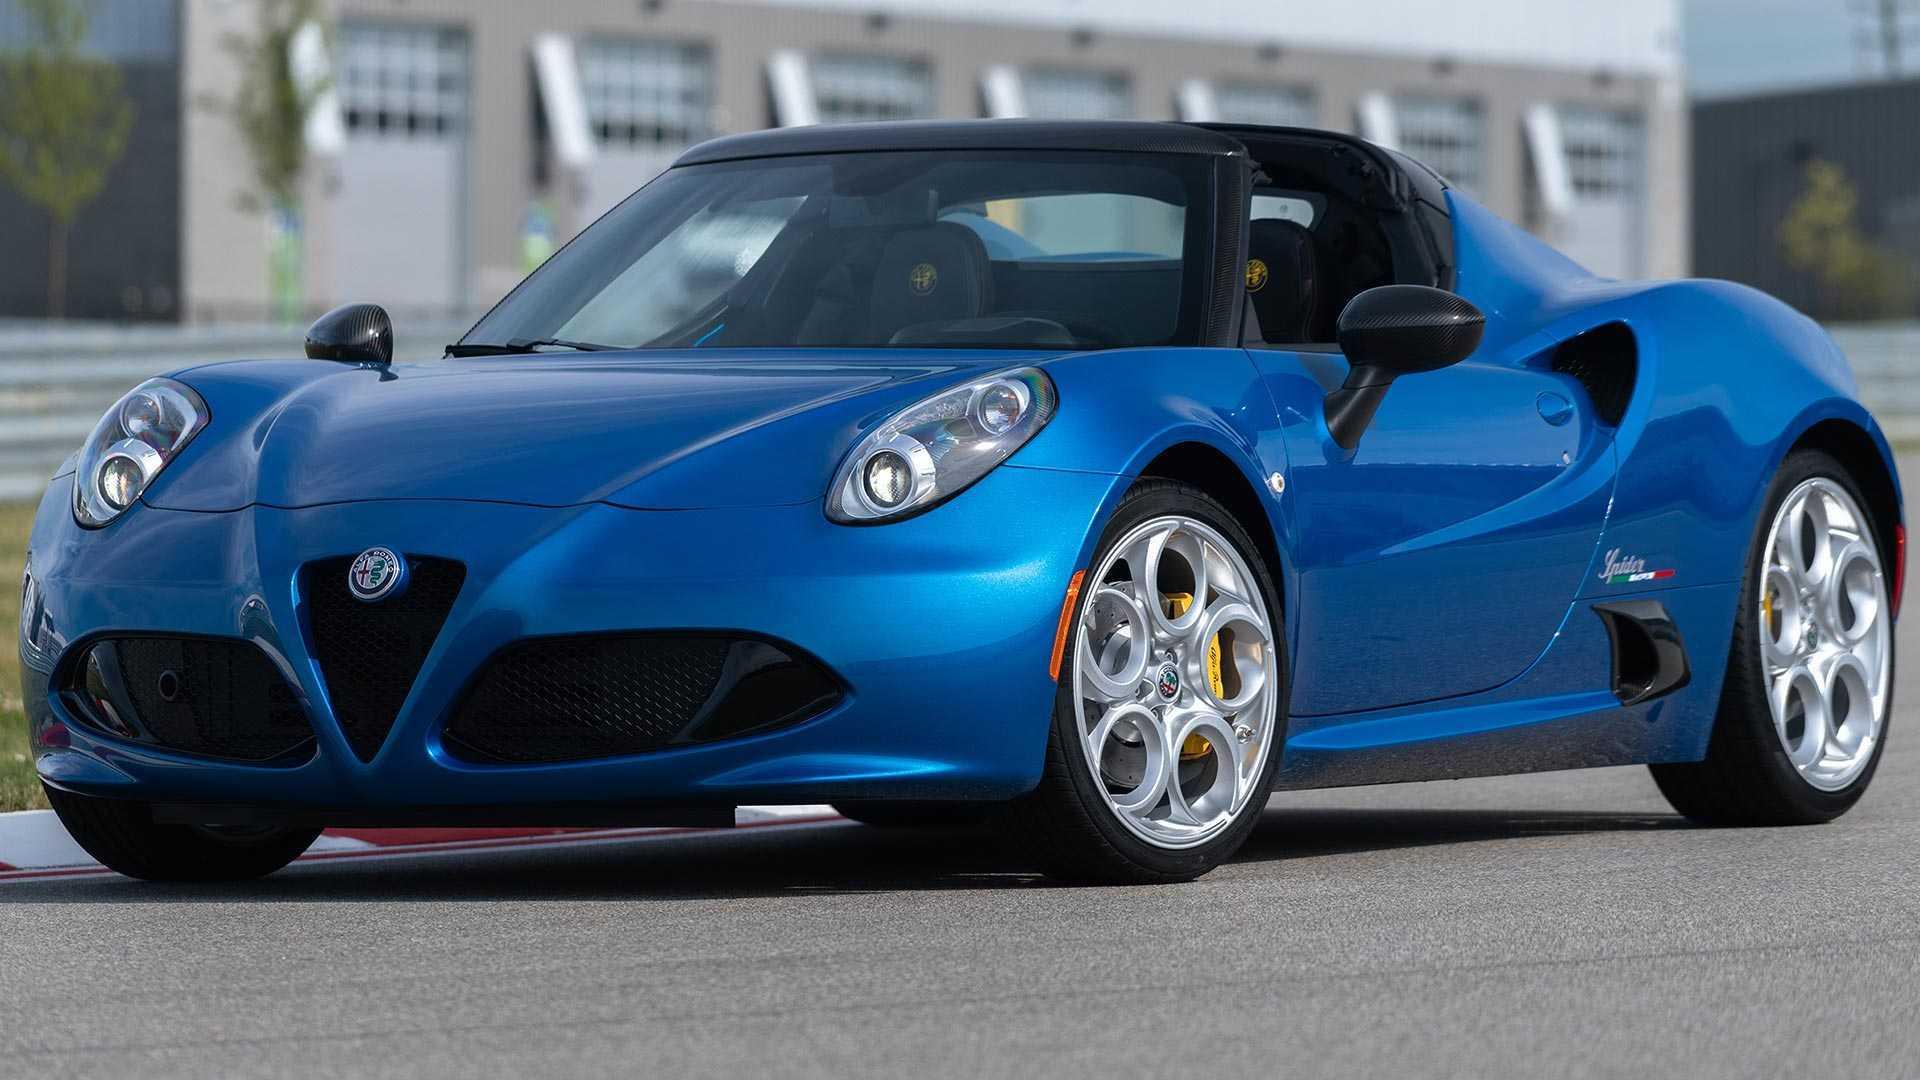 Ngắm bản đặc biệt xe Ý Alfa Romeo màu đẹp long lanh